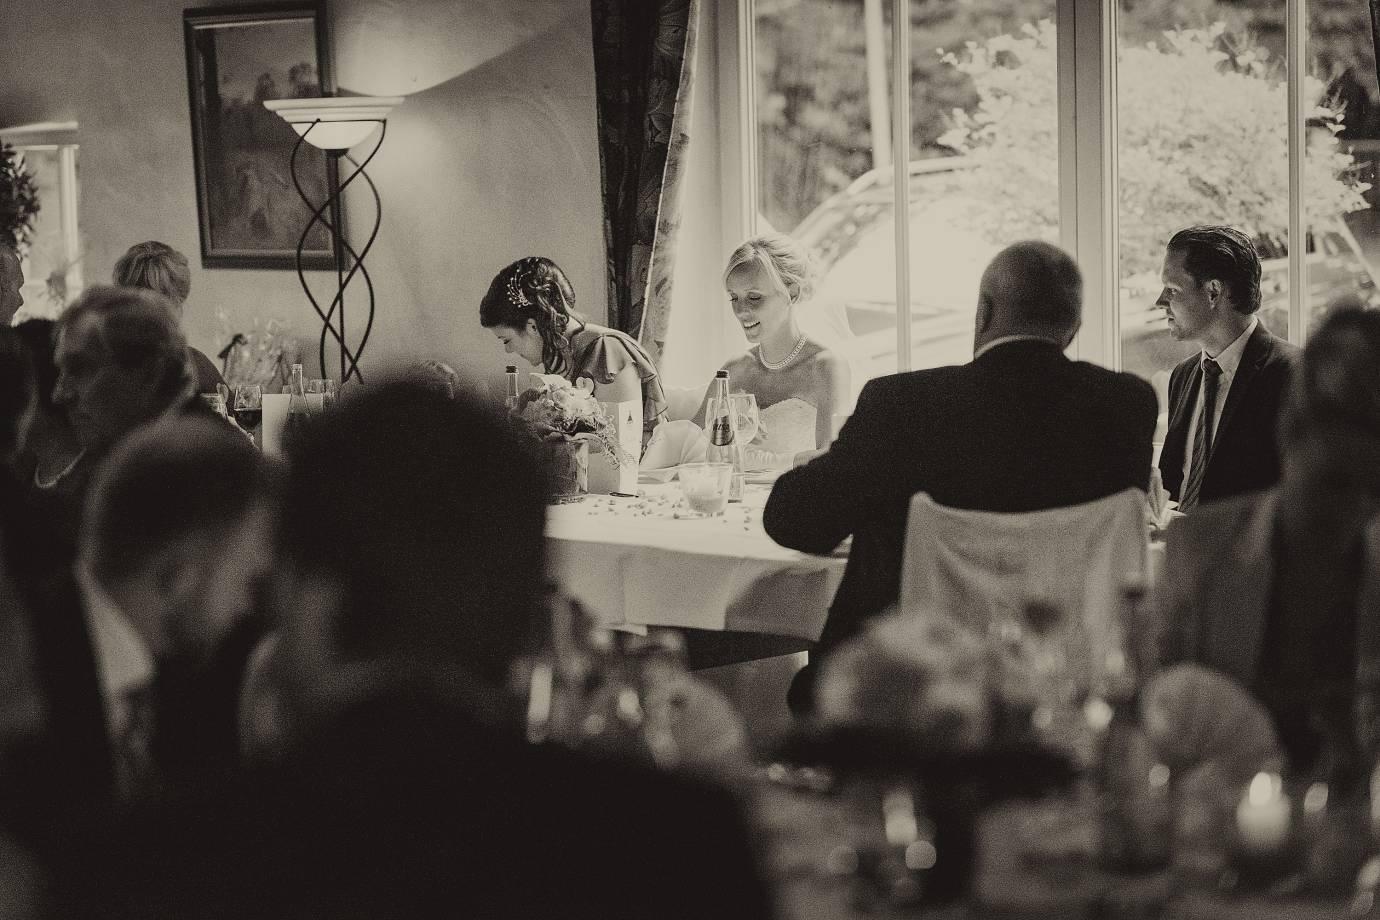 hochzeitsfotograf kirchseelte 134 - Sabrina+Lars